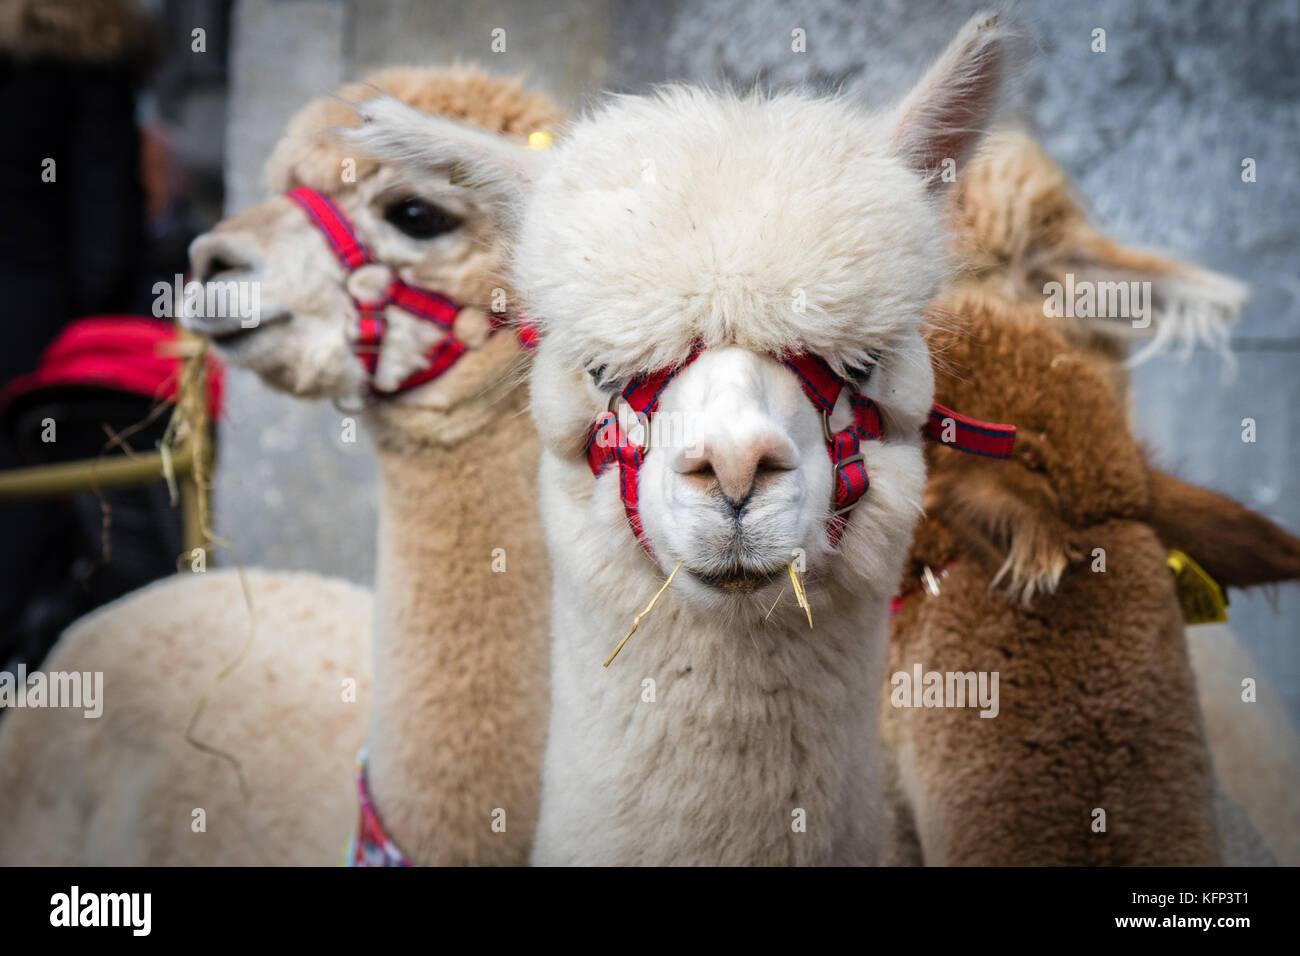 Las alpacas crearon mucho interés en mostrar a saborear comida en Kilkenny Kilkenny, en Irlanda, festival 27 Imagen De Stock